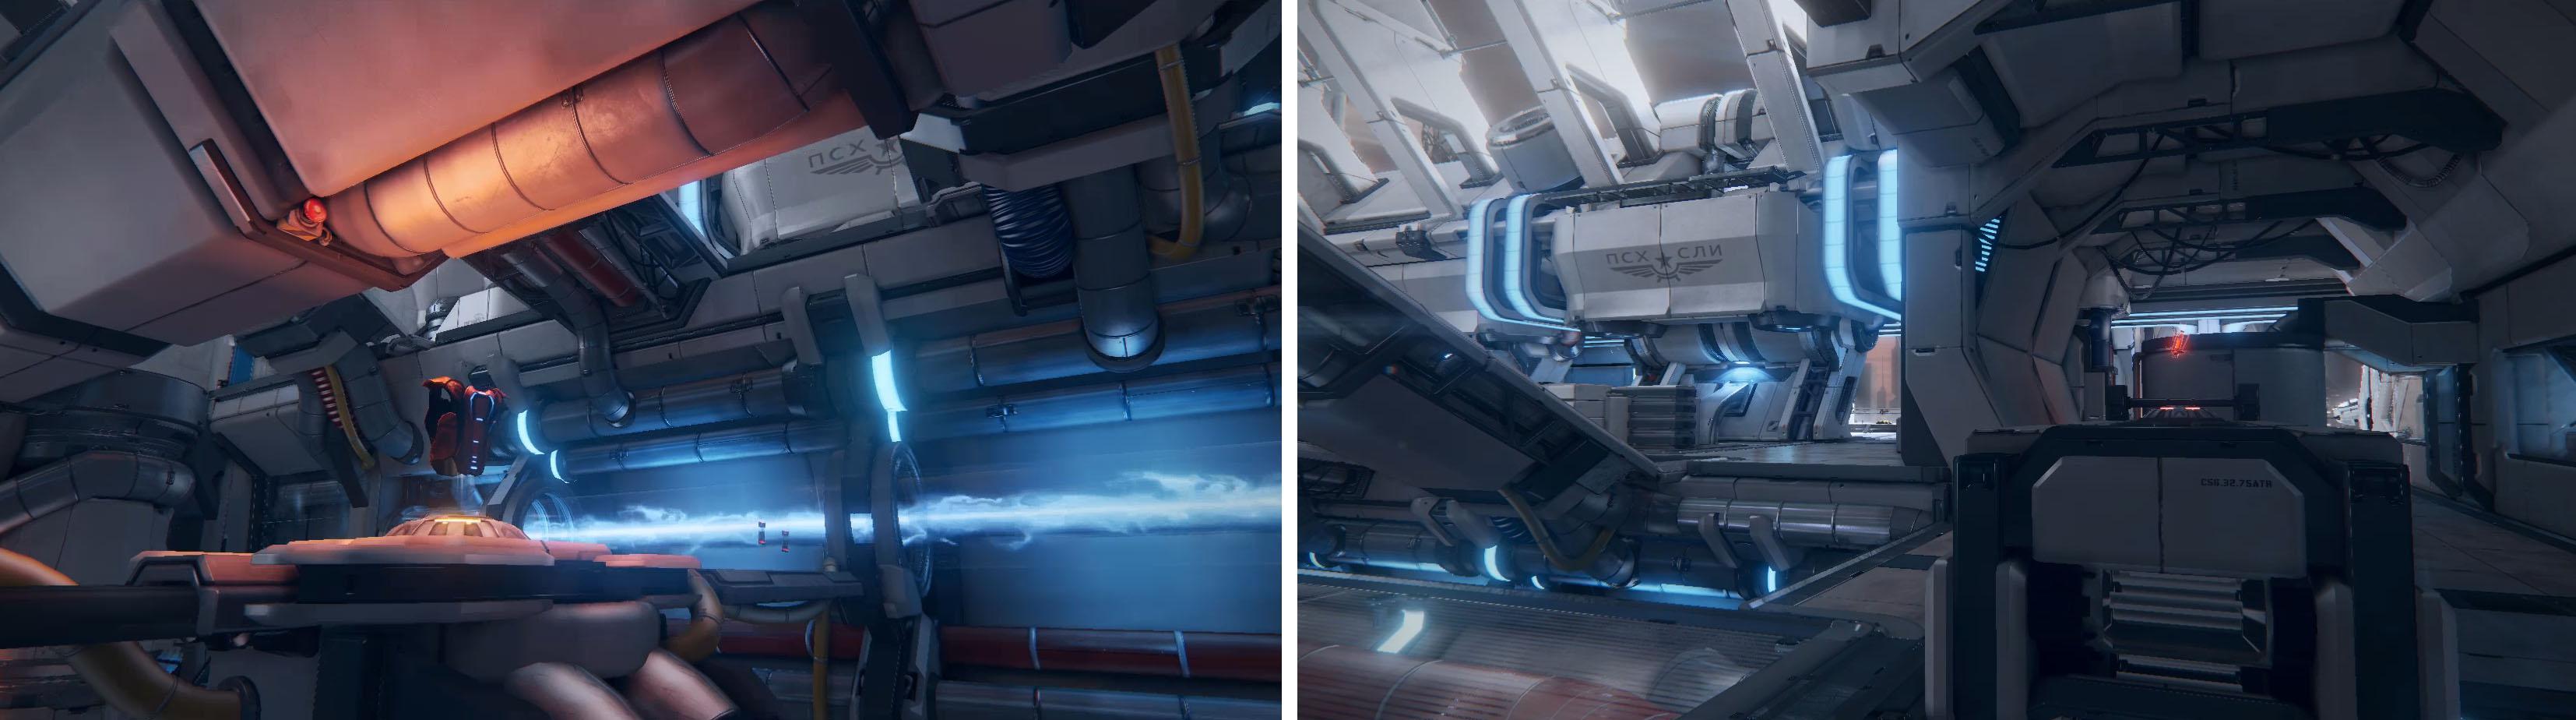 メガアーマー(画像左の鎧)はマップ1F中央の池。アドレナリン(画像右の赤いアイテム)はマップ2Fの箱の上。まずはこの場所を覚えよう。『UT』の場合は、ゲーム開始後一定時間経過でアイテムが出現するが、本作は最初から出現する。また、アドレナリンの出現間隔がメガアーマーより長い。